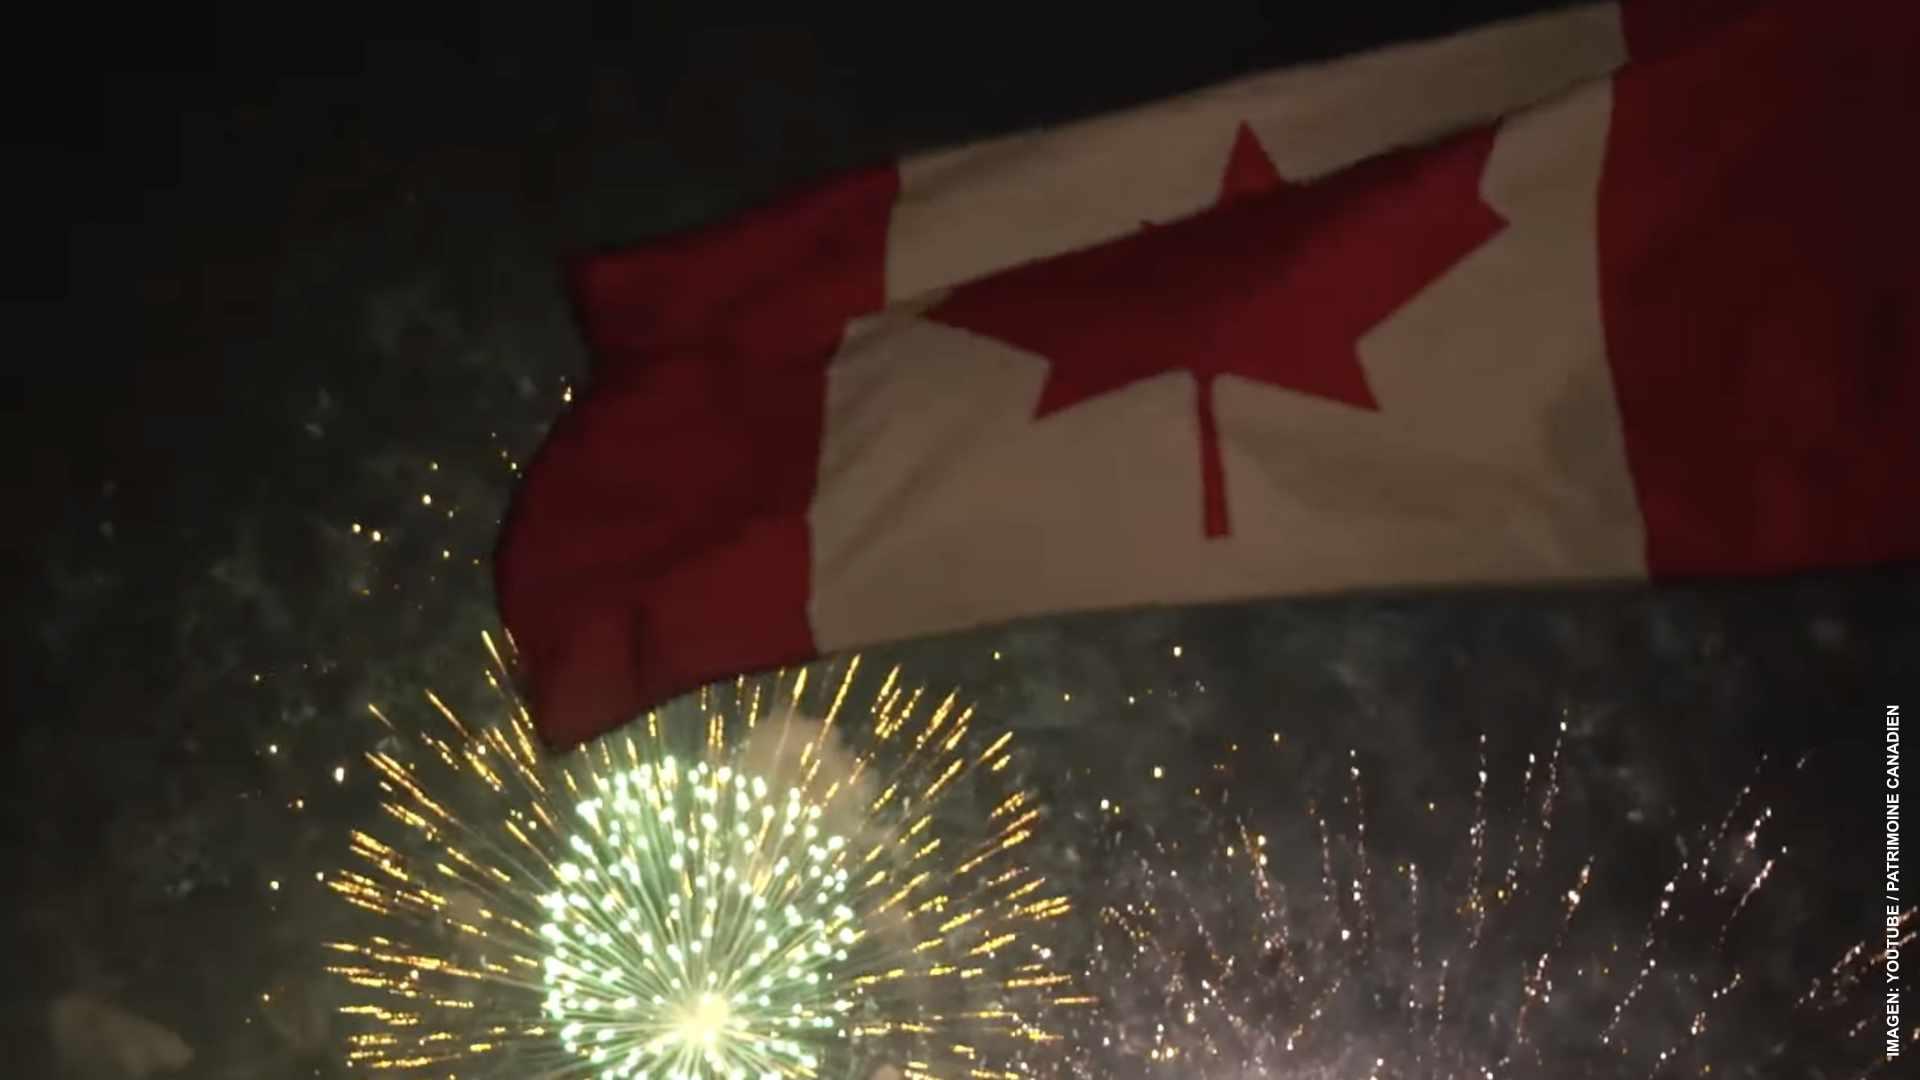 Reflexión en lugar de fuegos artificiales, propone Trudeau